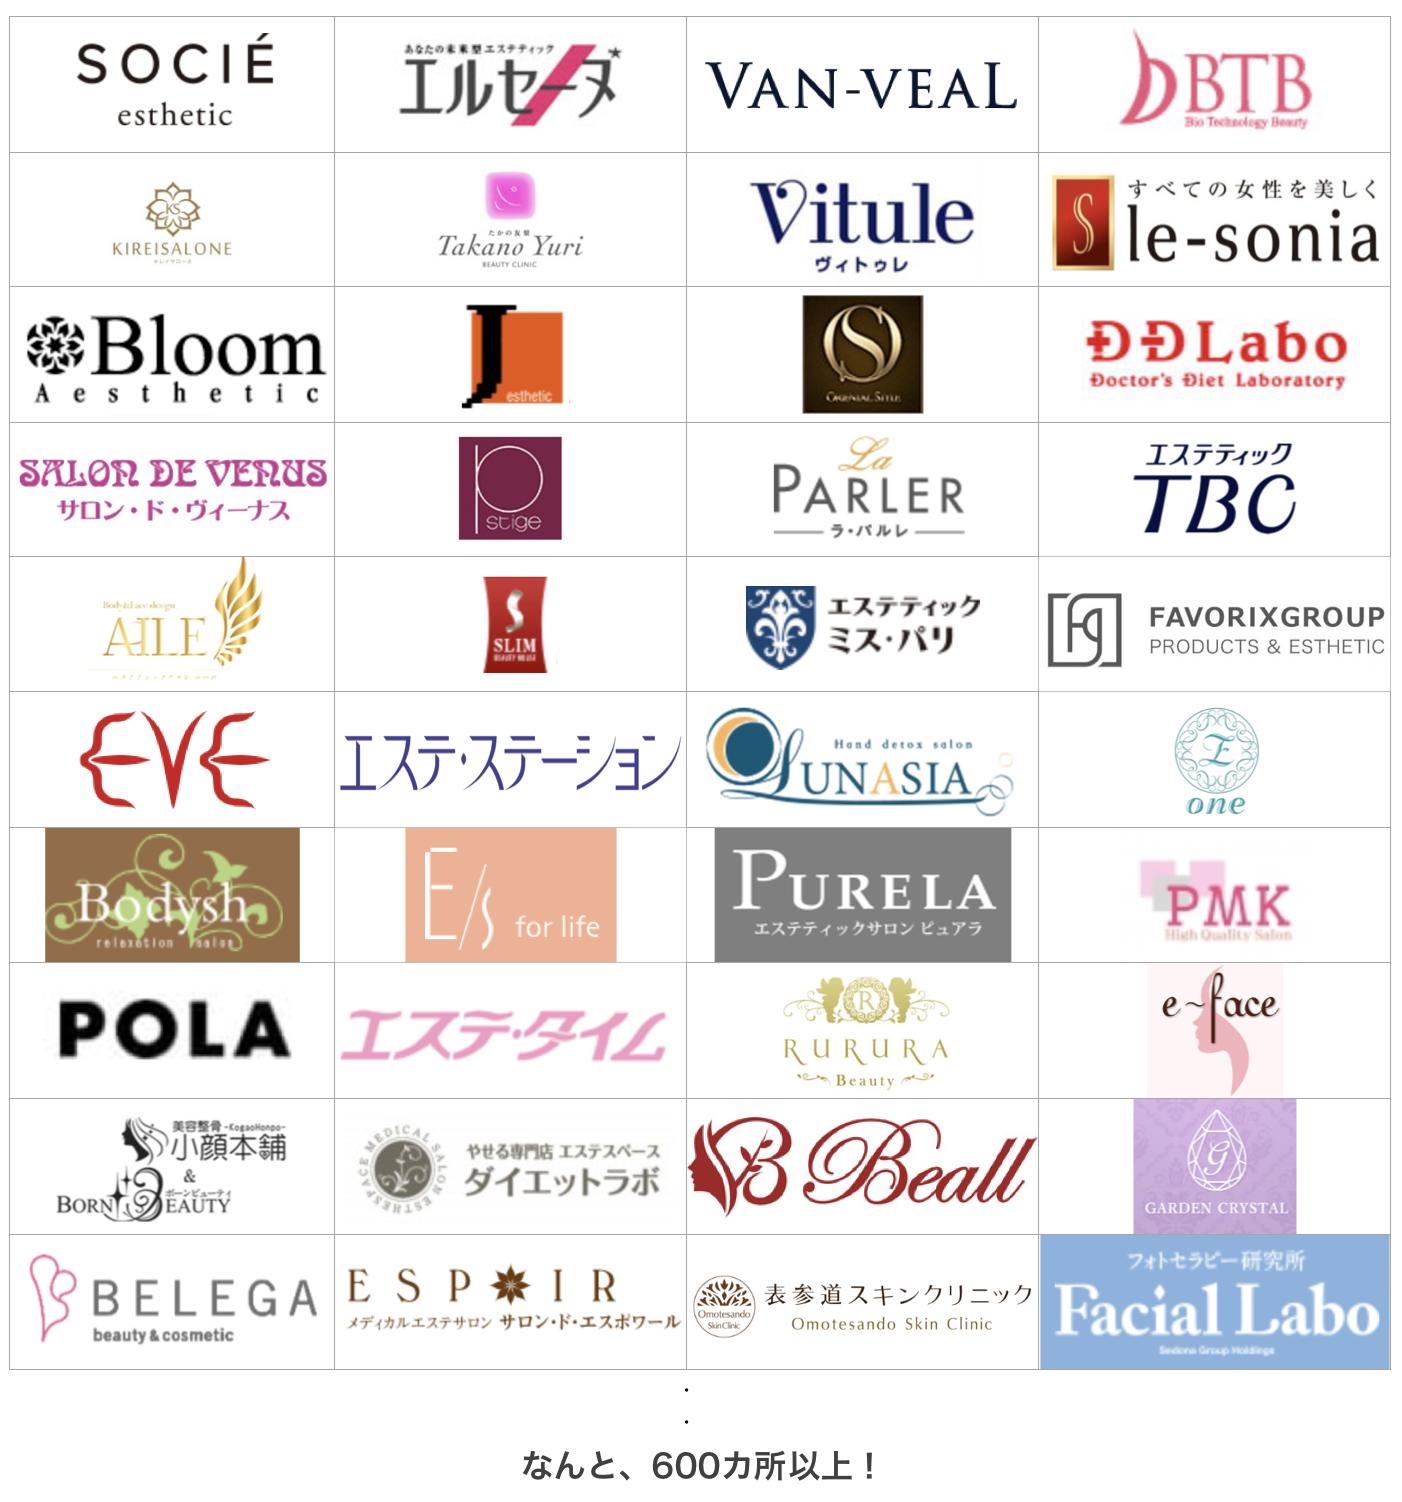 大阪市内だけでも600店舗以上ある!